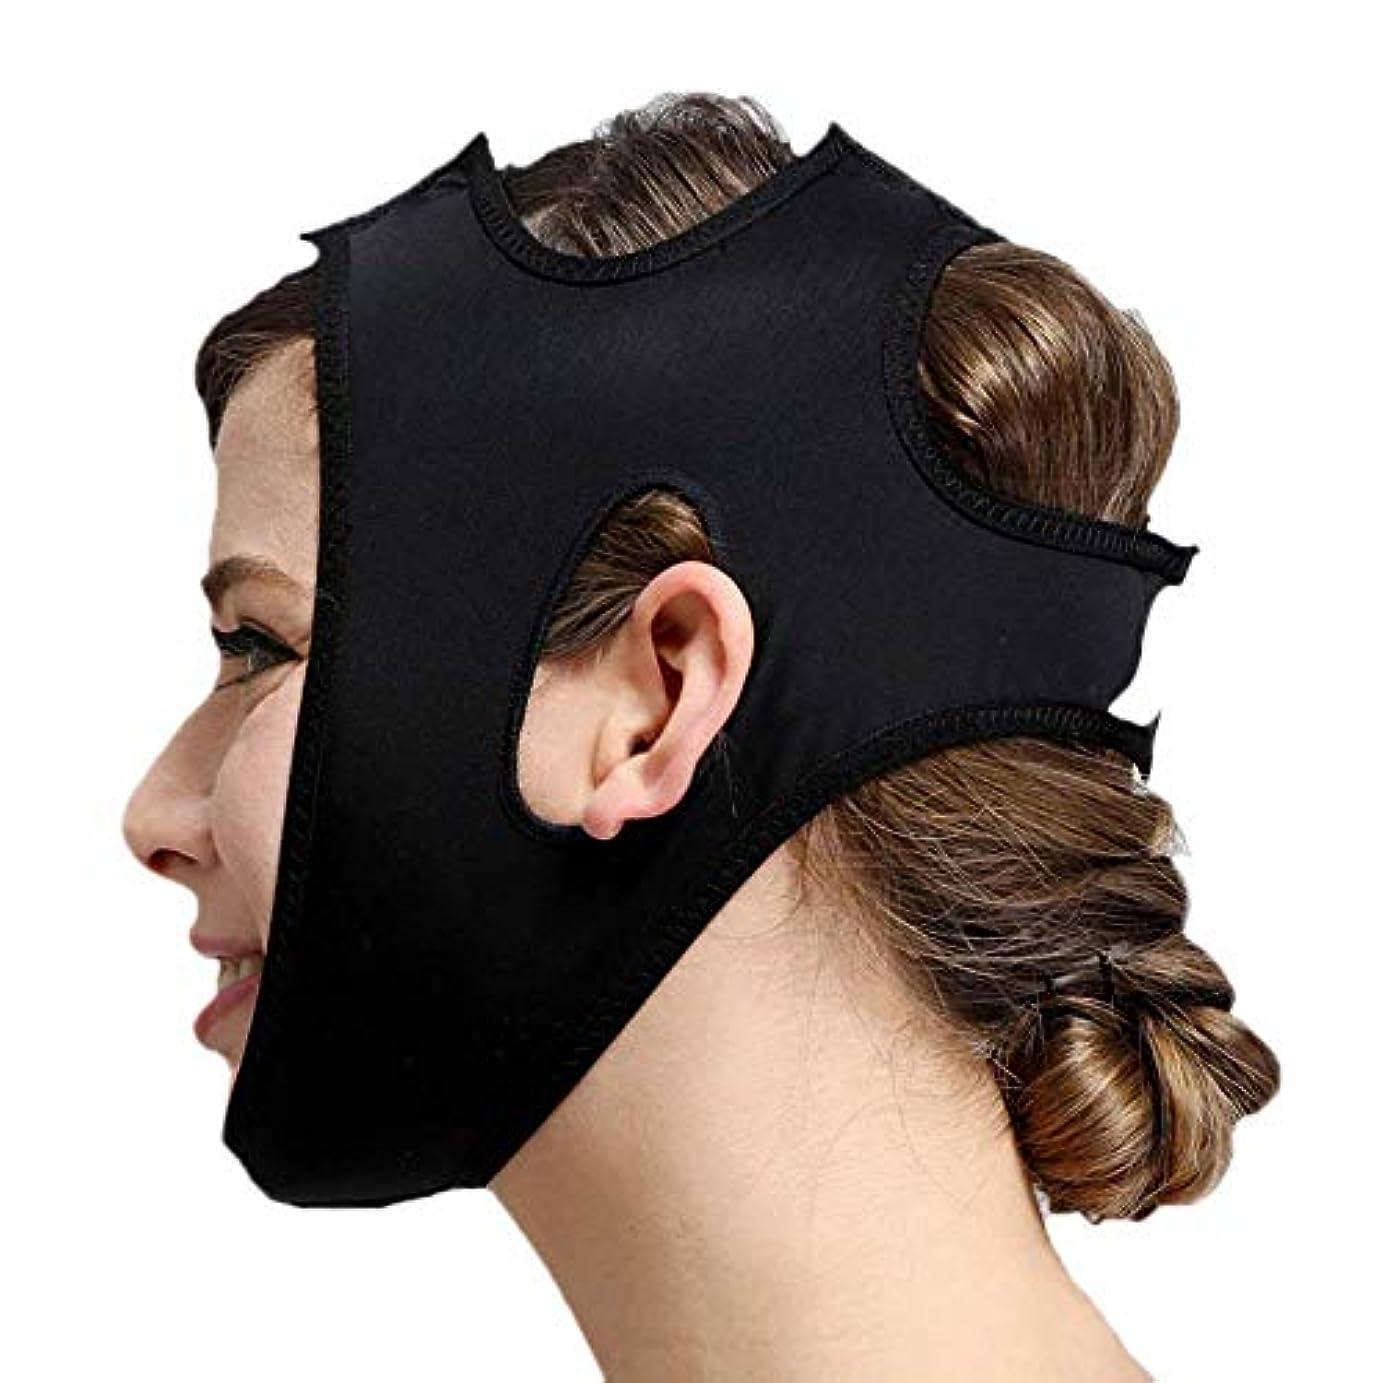 観察シエスタ生じるフェイススリミングマスク、快適さと通気性、フェイシャルリフティング、輪郭の改善された硬さ、ファーミングとリフティングフェイス(カラー:ブラック、サイズ:XL),黒、XXL